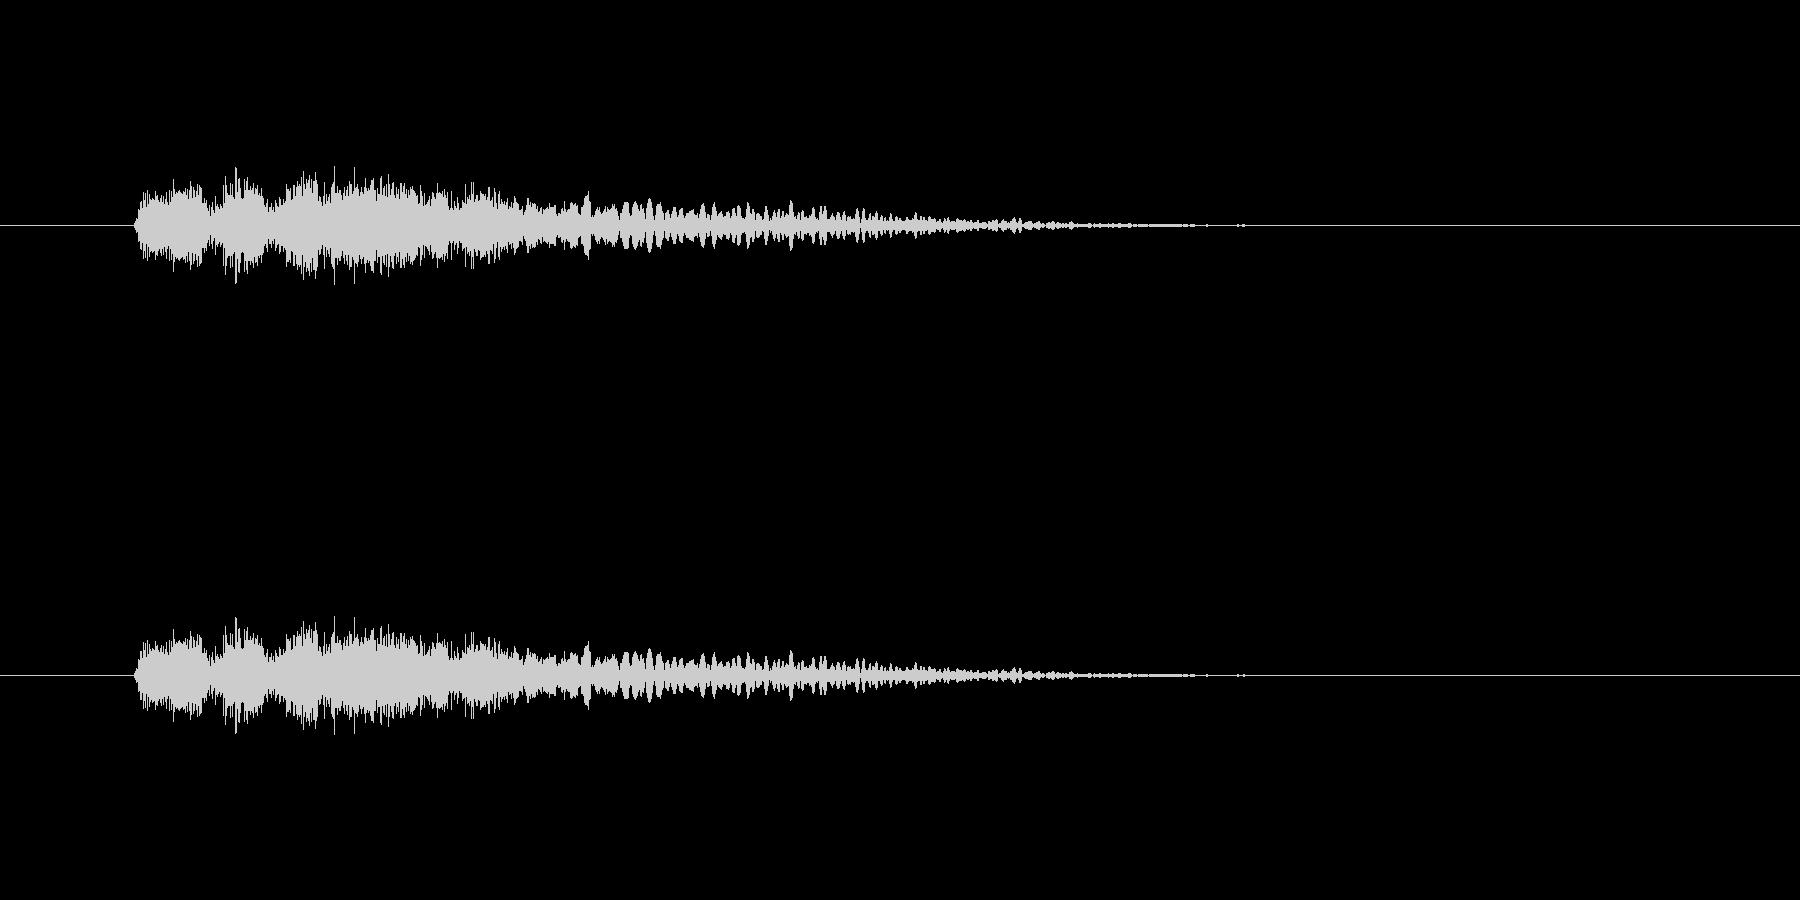 【ポップモーション43-2】の未再生の波形